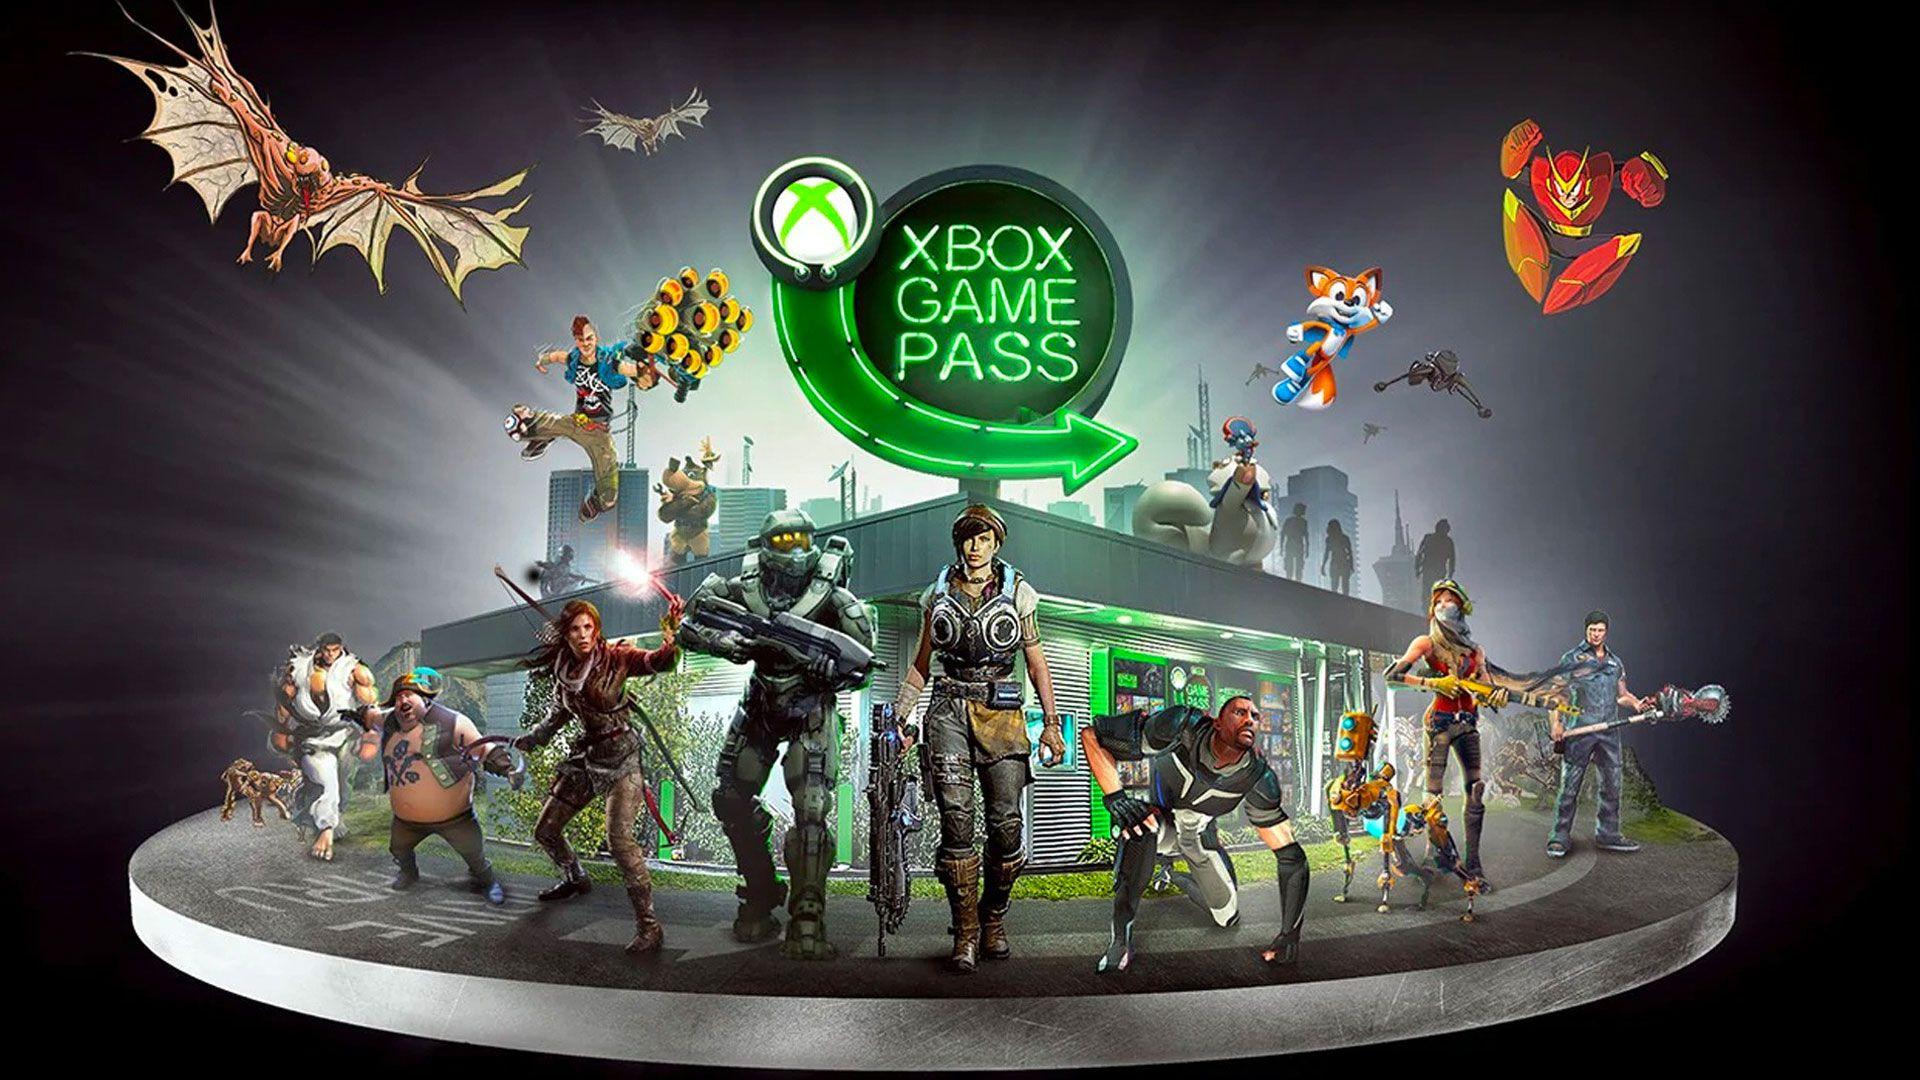 Xbox Game Pass - Diese Titel fliegen im November 2019 raus #monatnovember